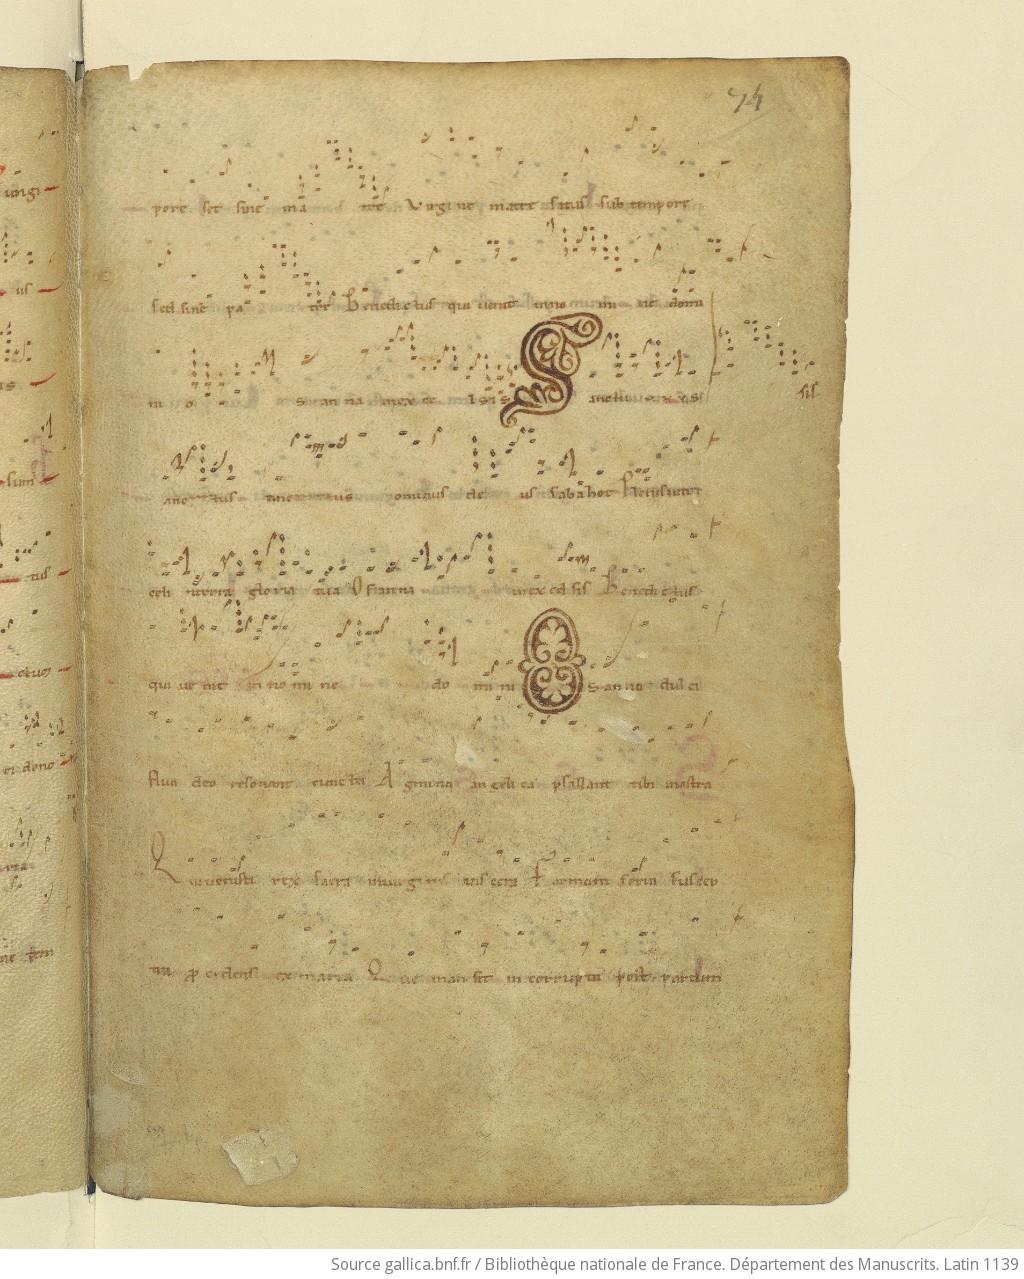 vue 155 - folio 74r